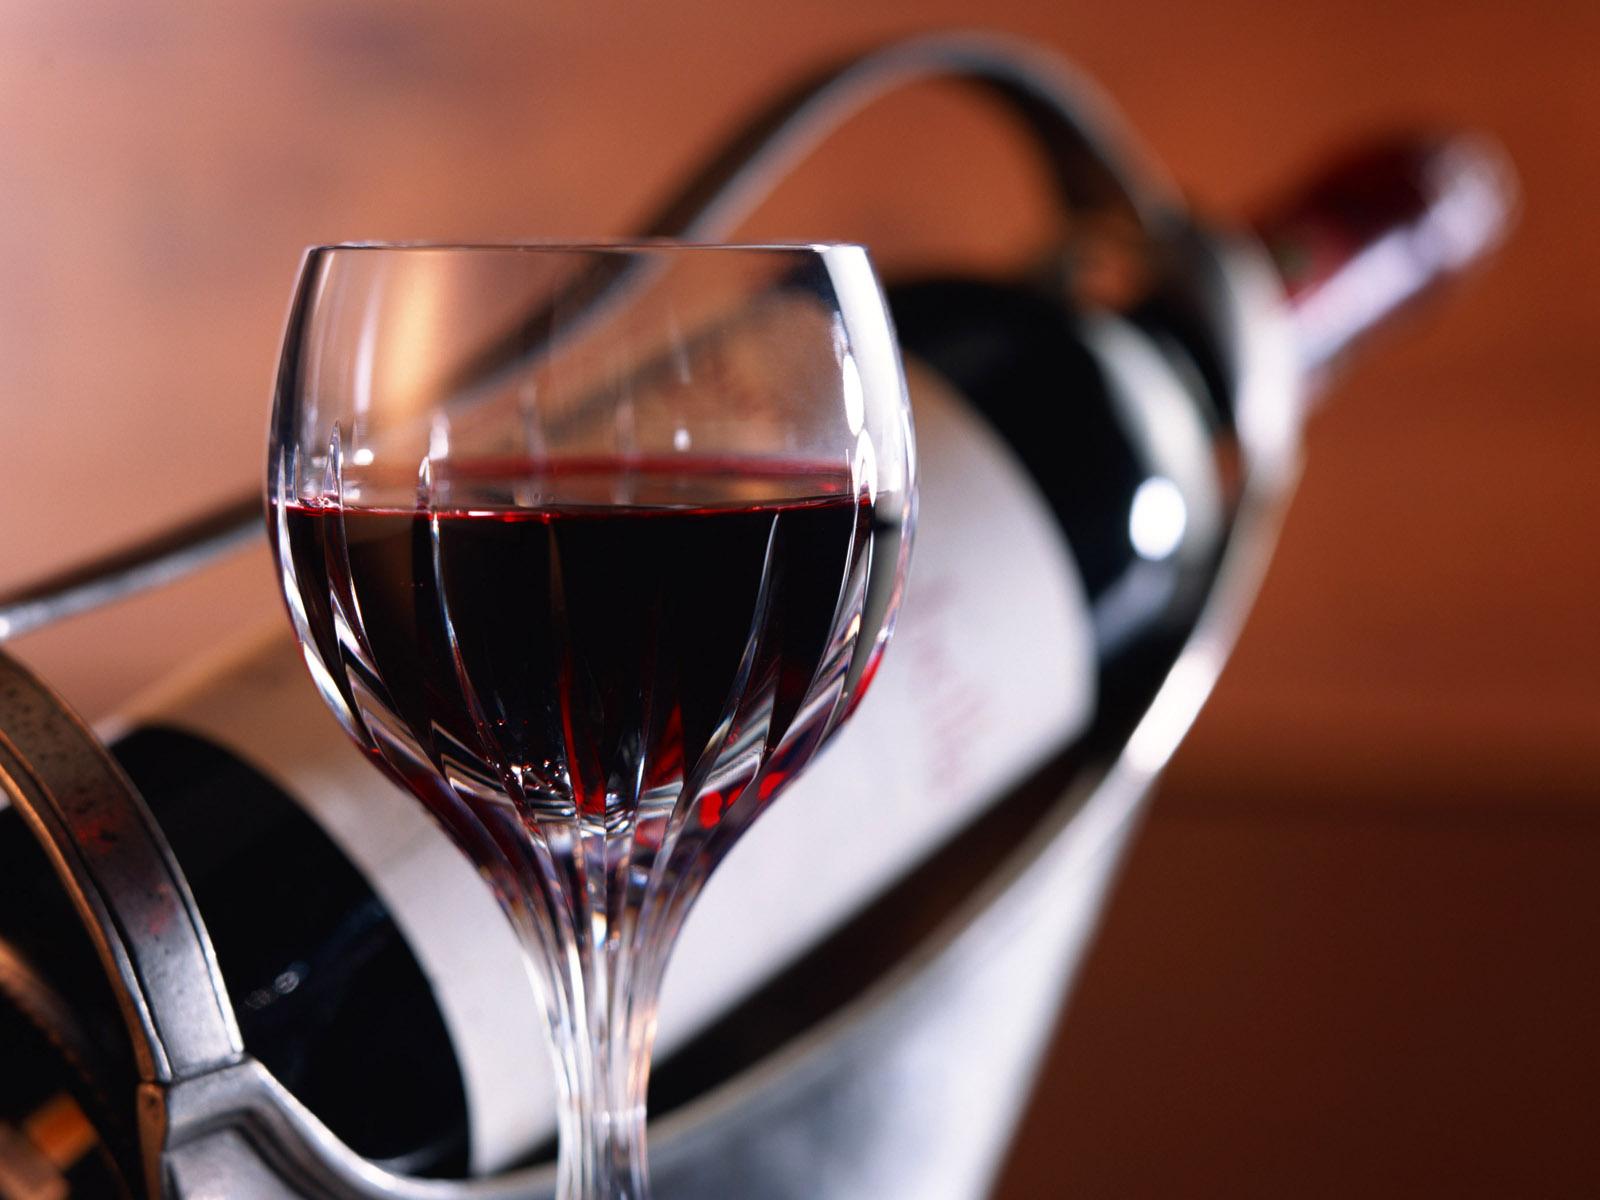 цена картинки алкоголя красивые вино витраж кошки идеальное